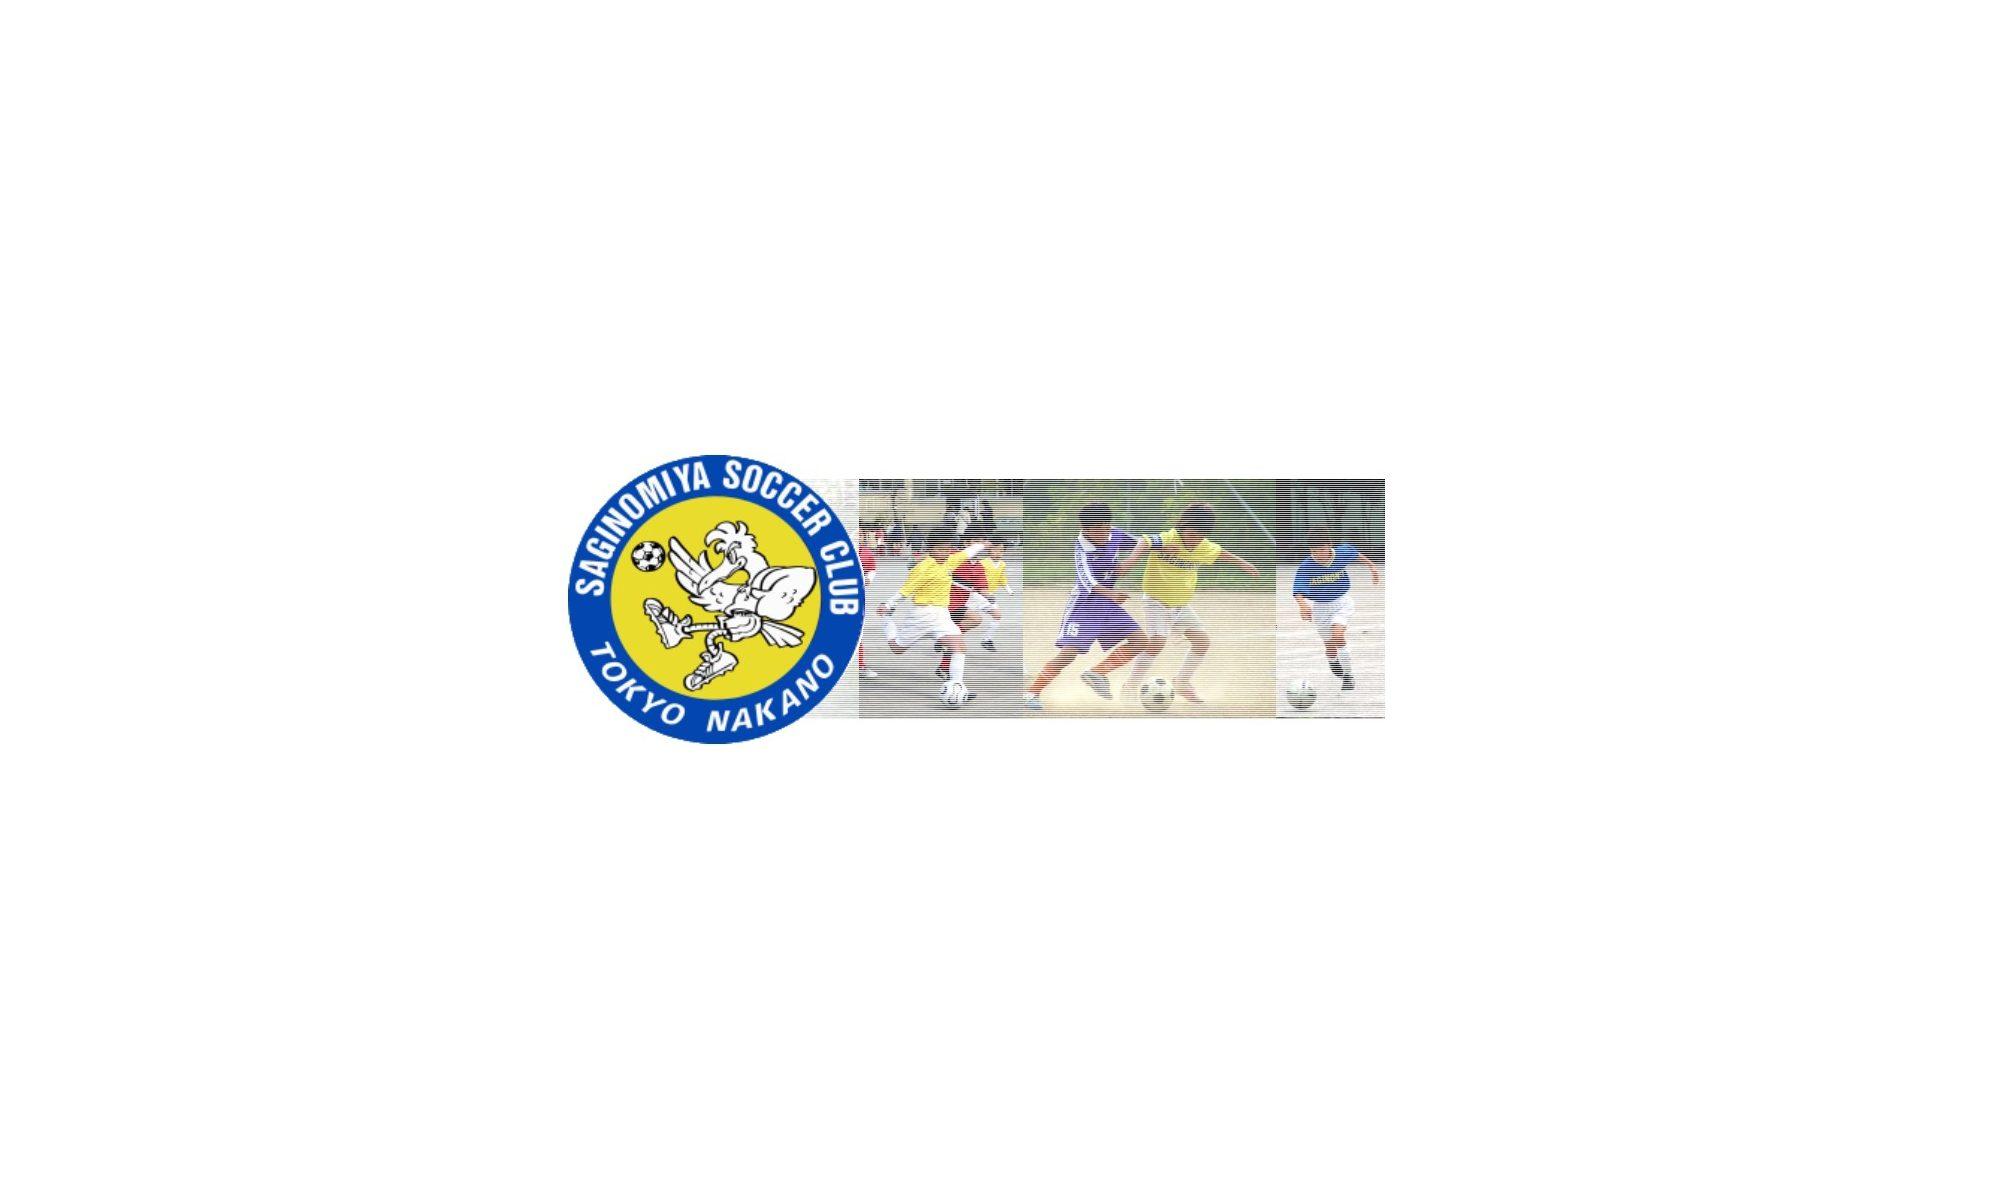 鷺宮サッカークラブ